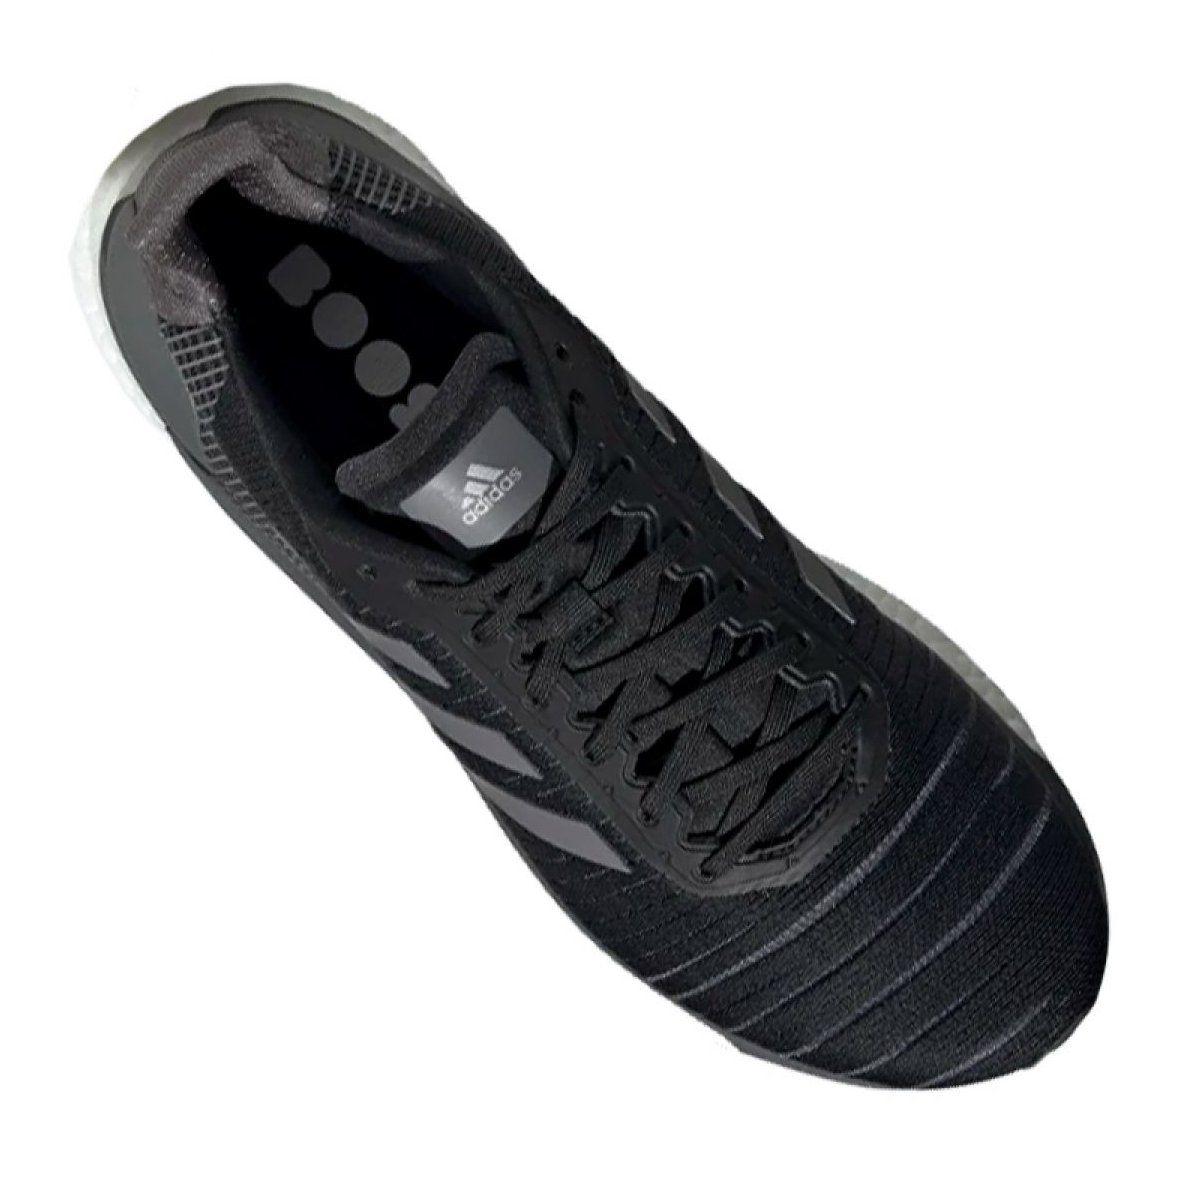 Buty adidas Solar Glide 19 M G28463 czarne | Buty adidas